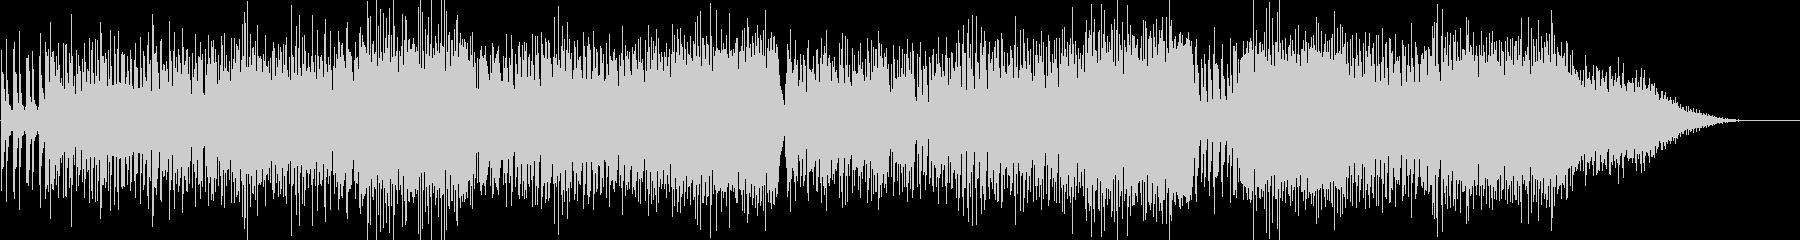 クールな印象のピアノダンスポップスの未再生の波形